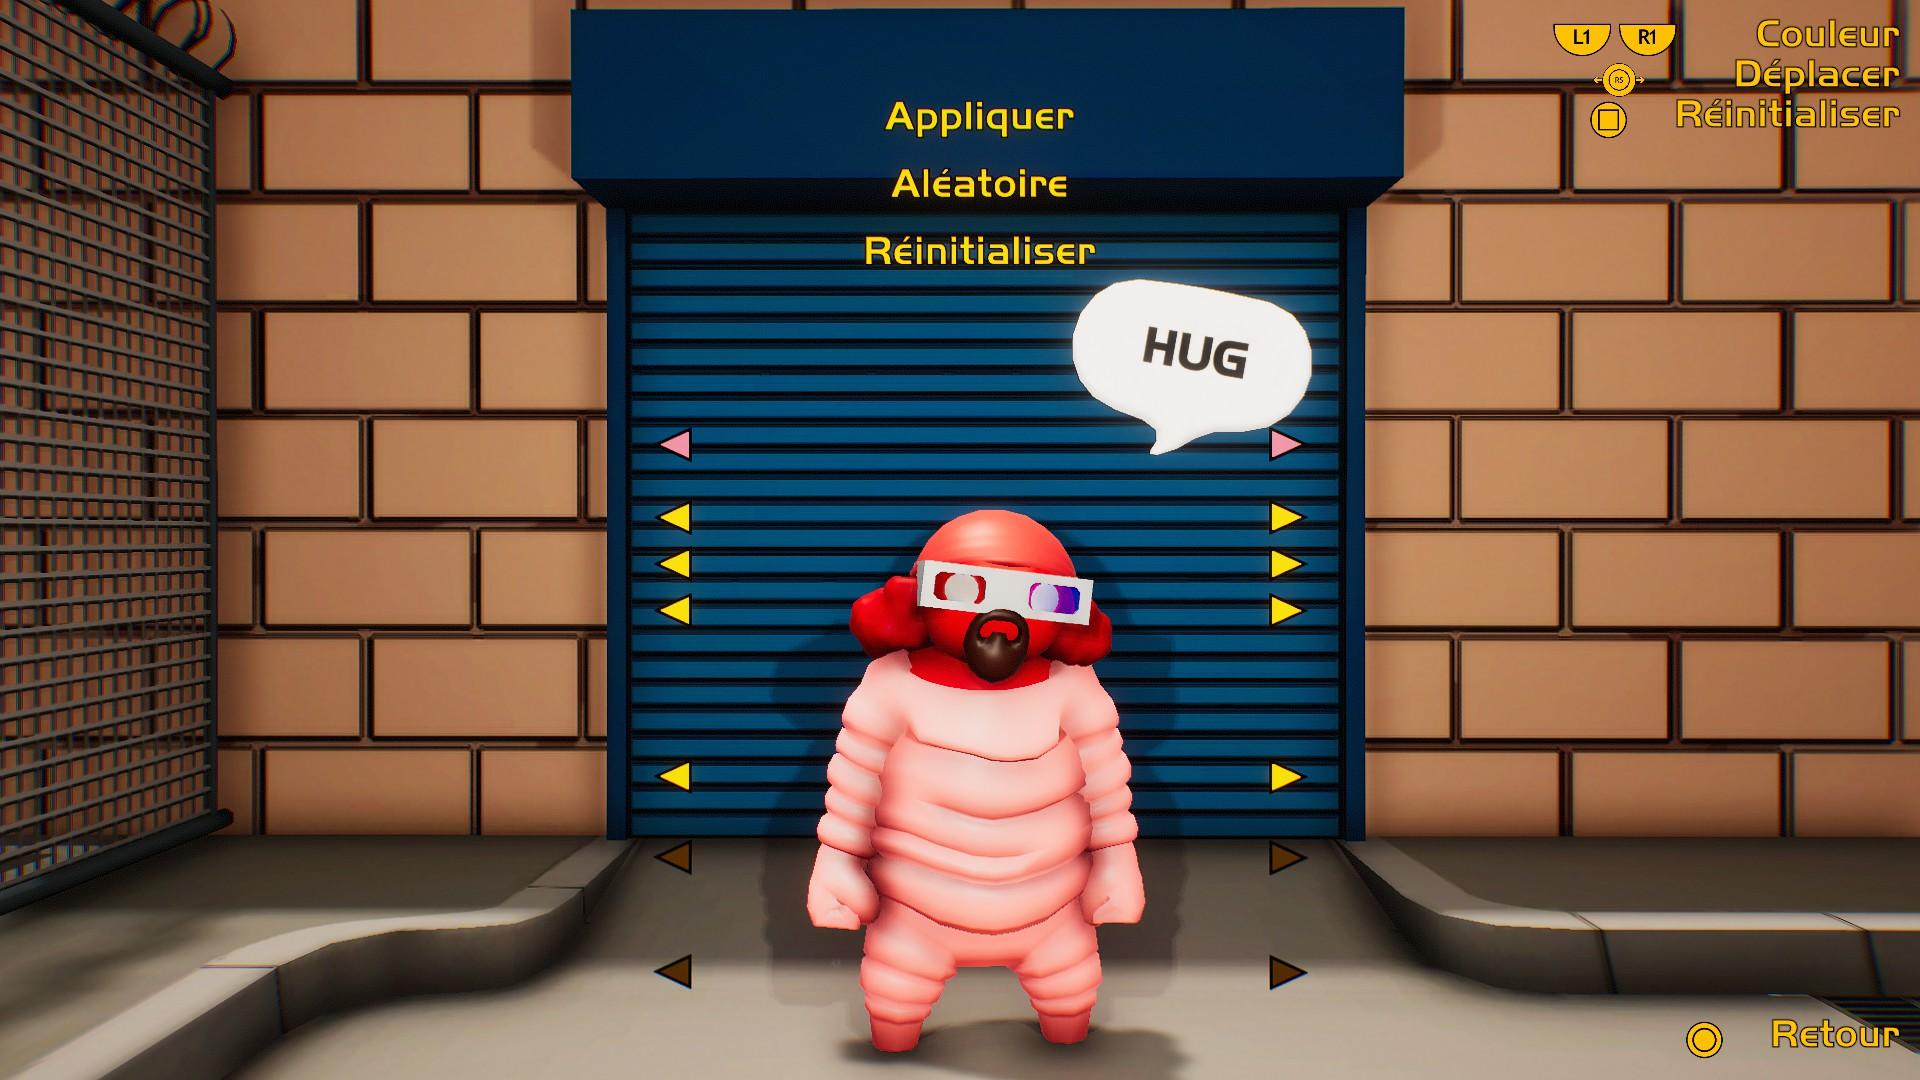 Gang Beasts est un jeu vidéo de type party game multijoueur en local développé par Boneloaf Games, édité par Double Fine Productions et sorti sur Steam en accès anticipé en août 2014 pour les plateformes Microsoft Windows, Mac OS X Linux et PlayStation 4.